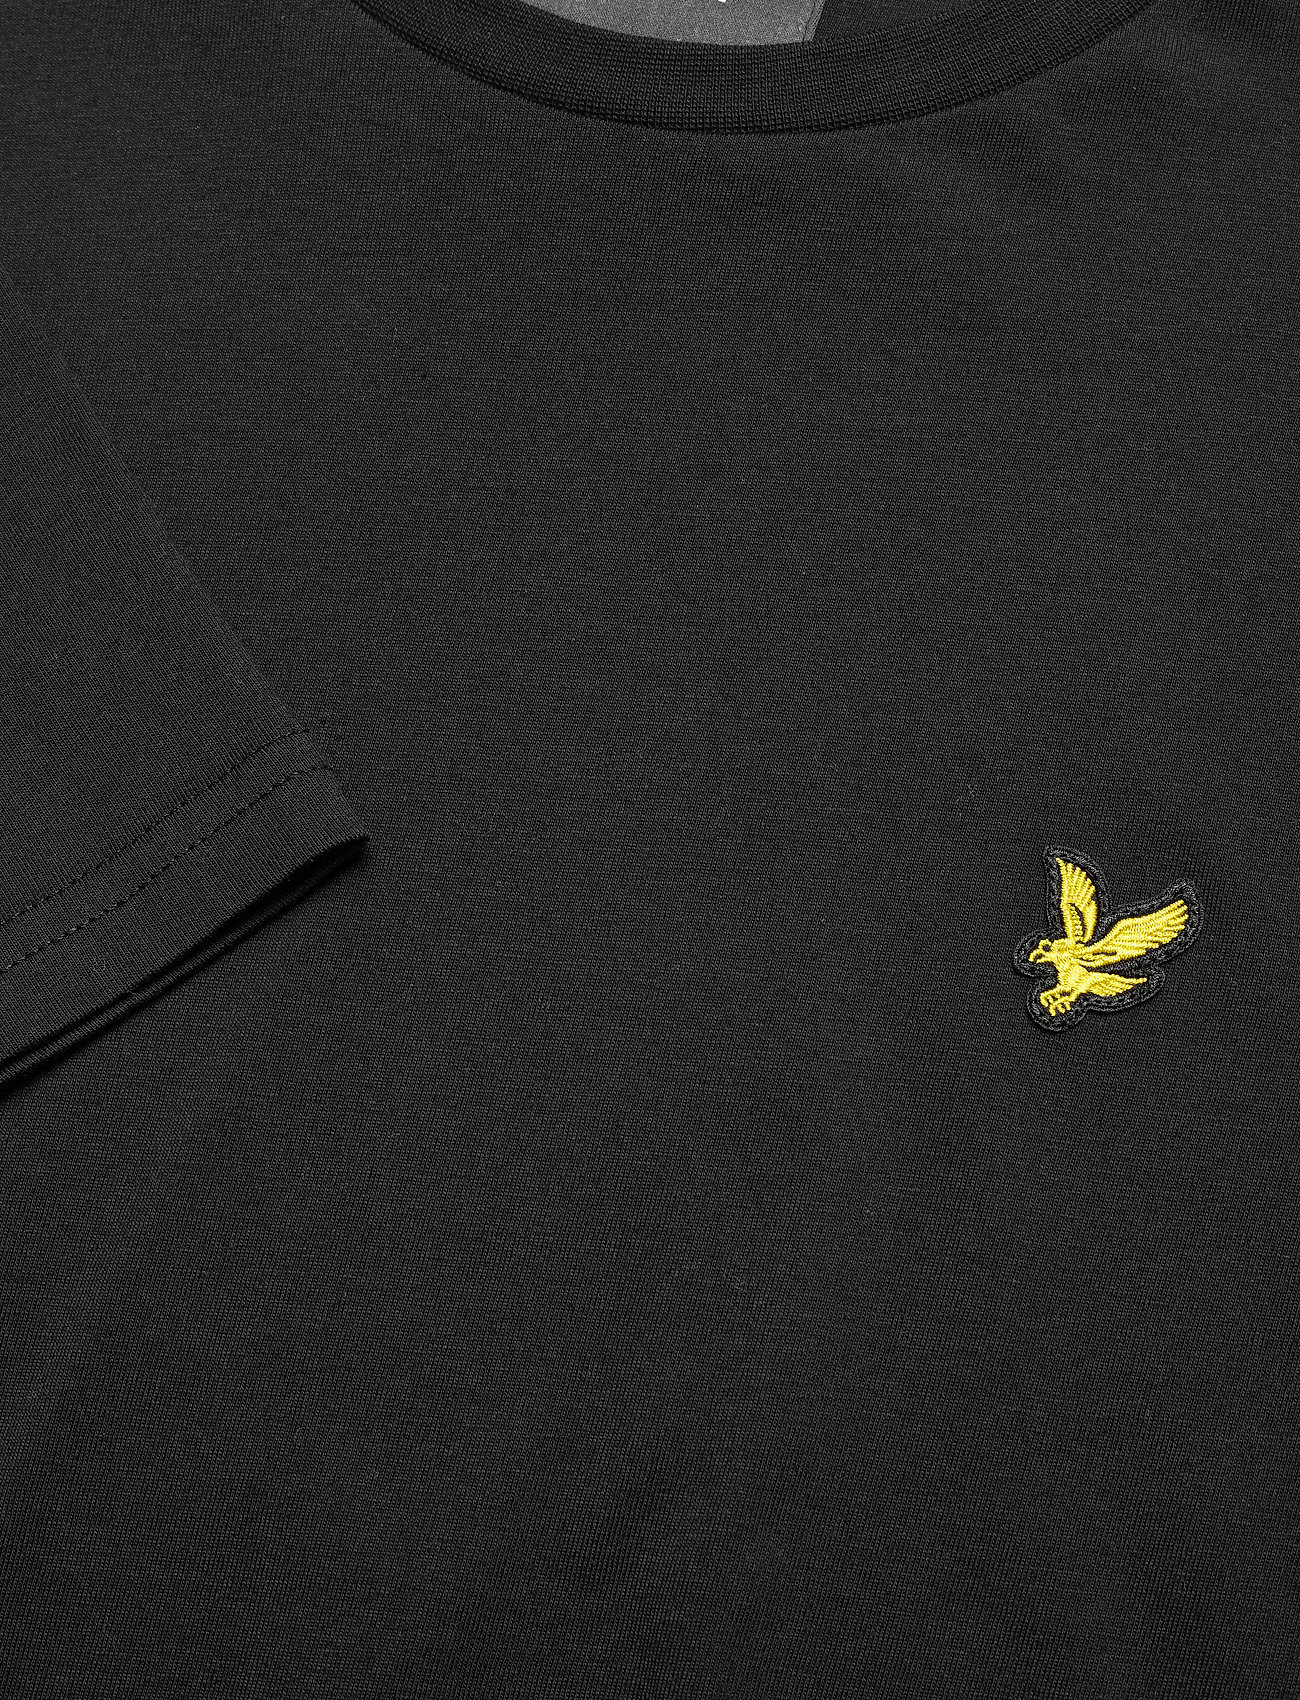 Lyle & Scott LS Crew Neck T-shirt - T-skjorter JET BLACK - Menn Klær